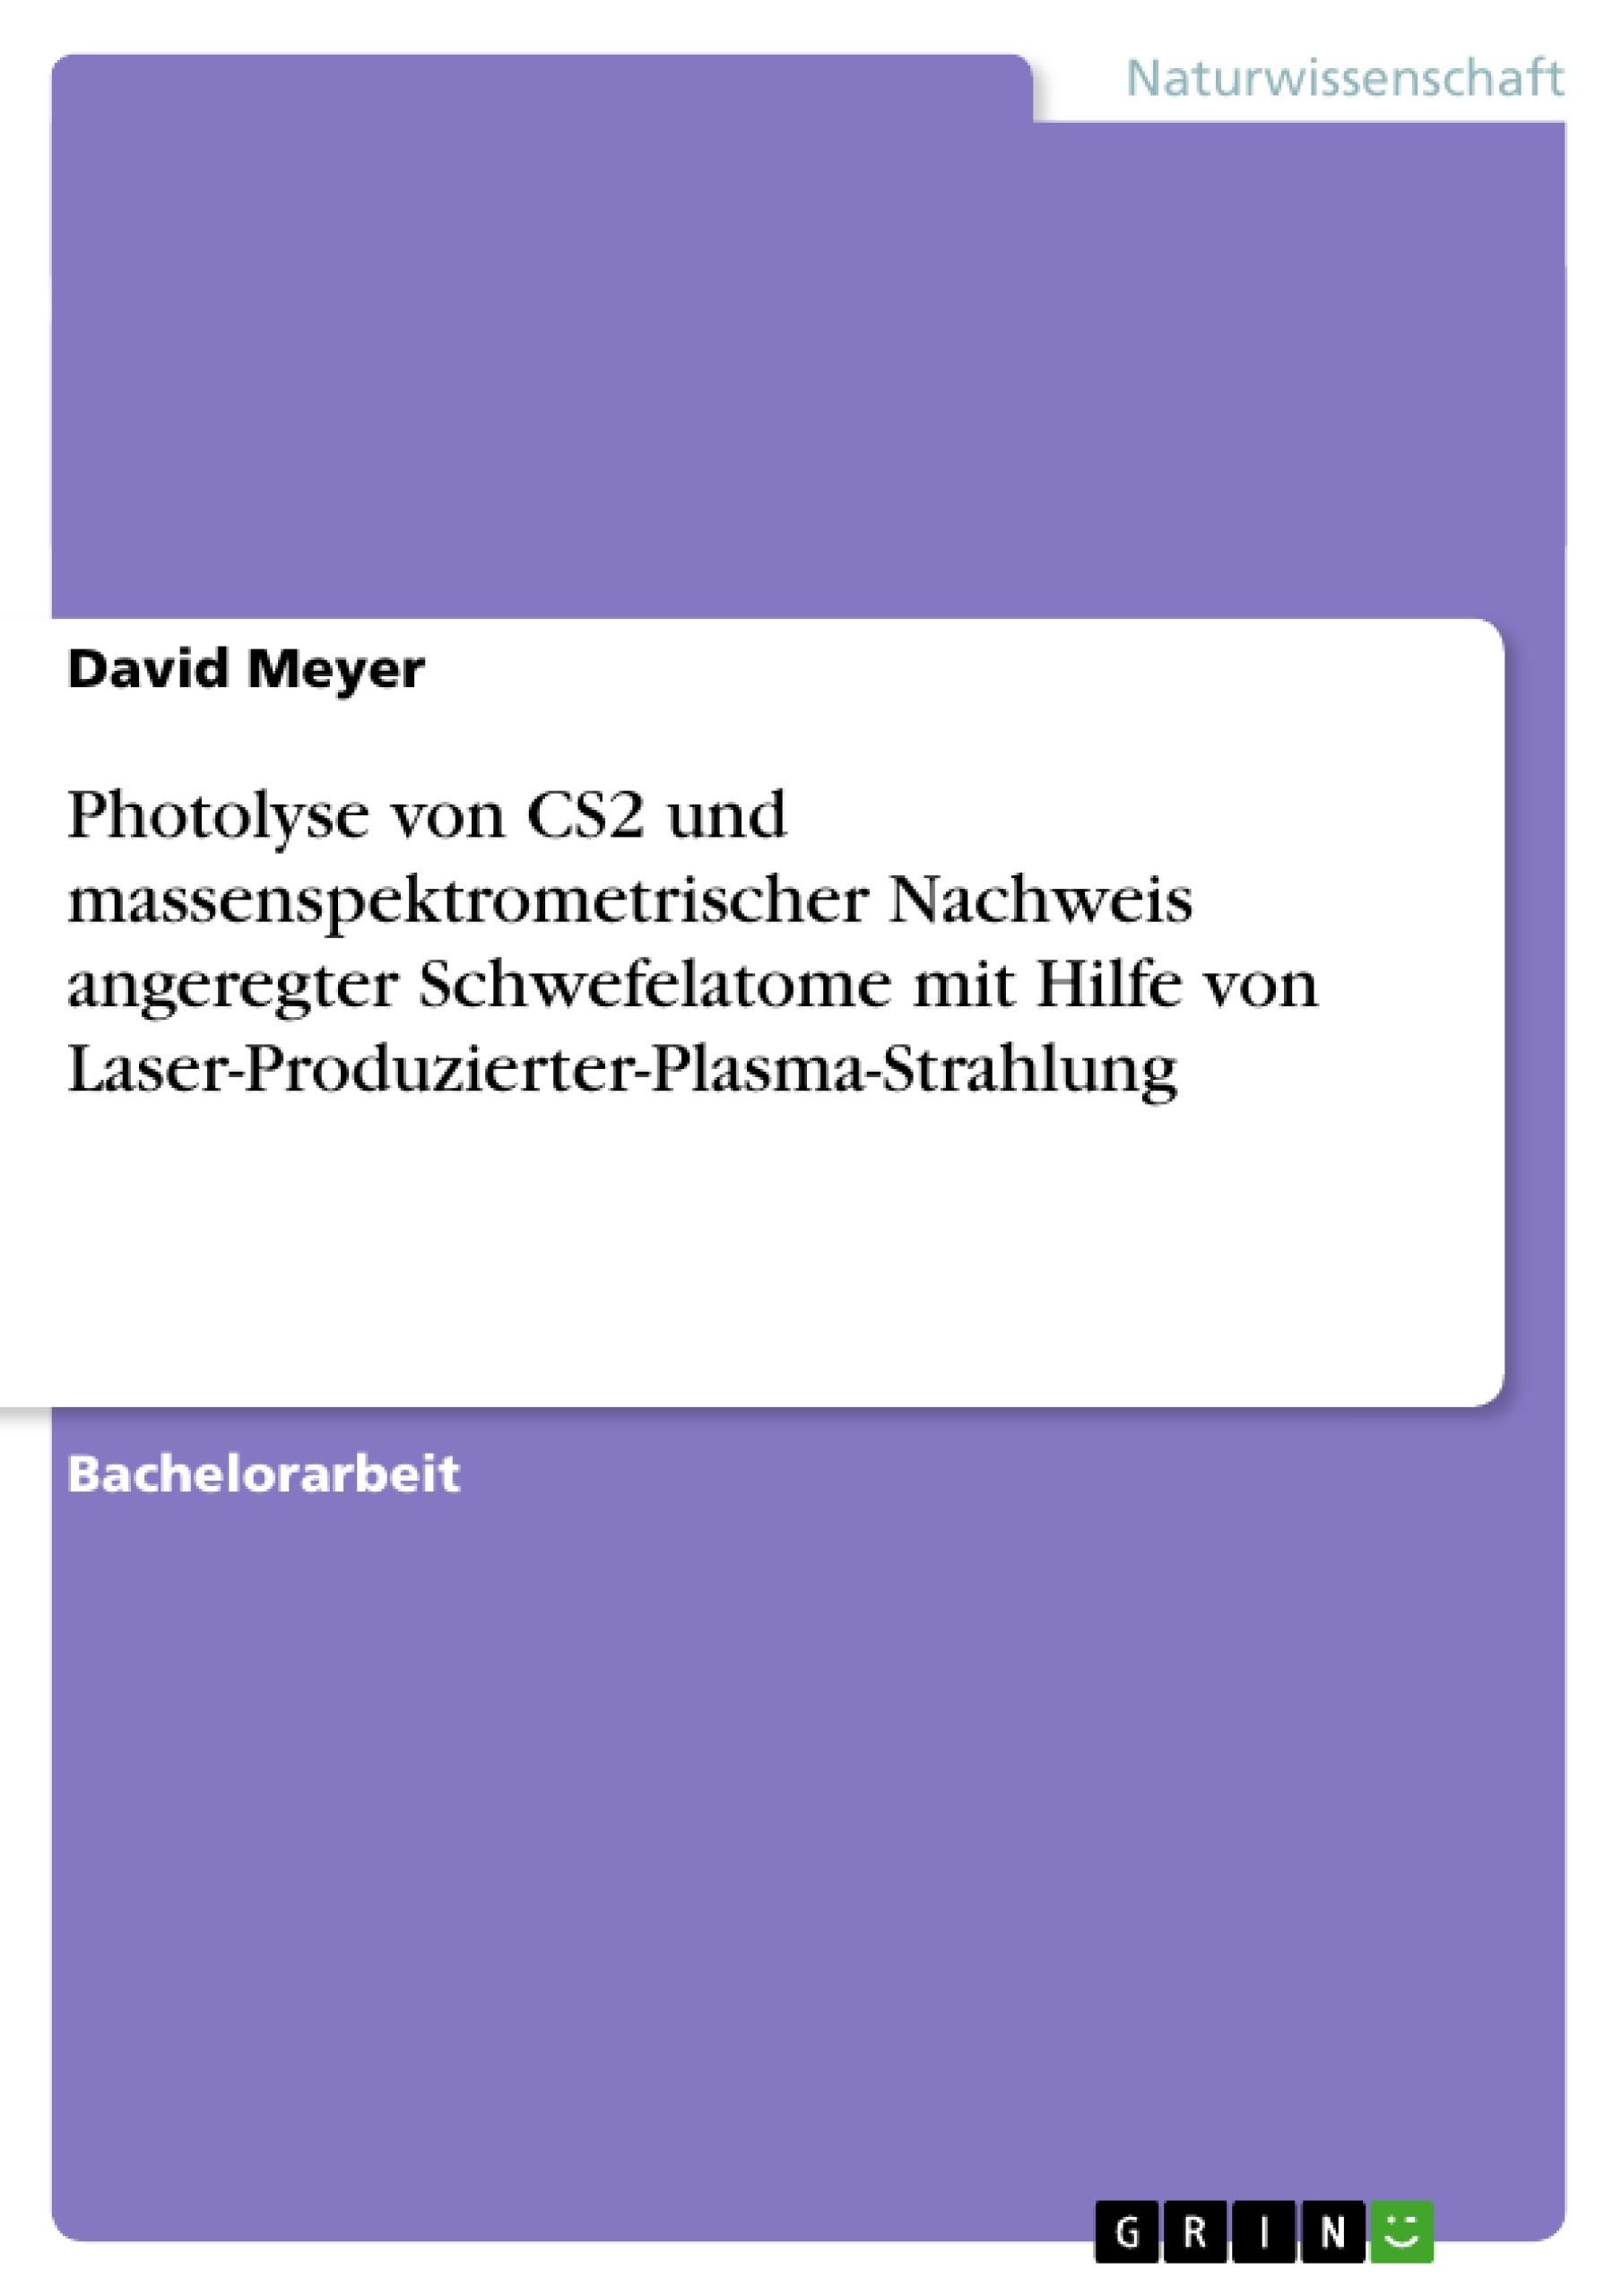 Titel: Photolyse von CS2 und massenspektrometrischer Nachweis angeregter Schwefelatome mit Hilfe von Laser-Produzierter-Plasma-Strahlung